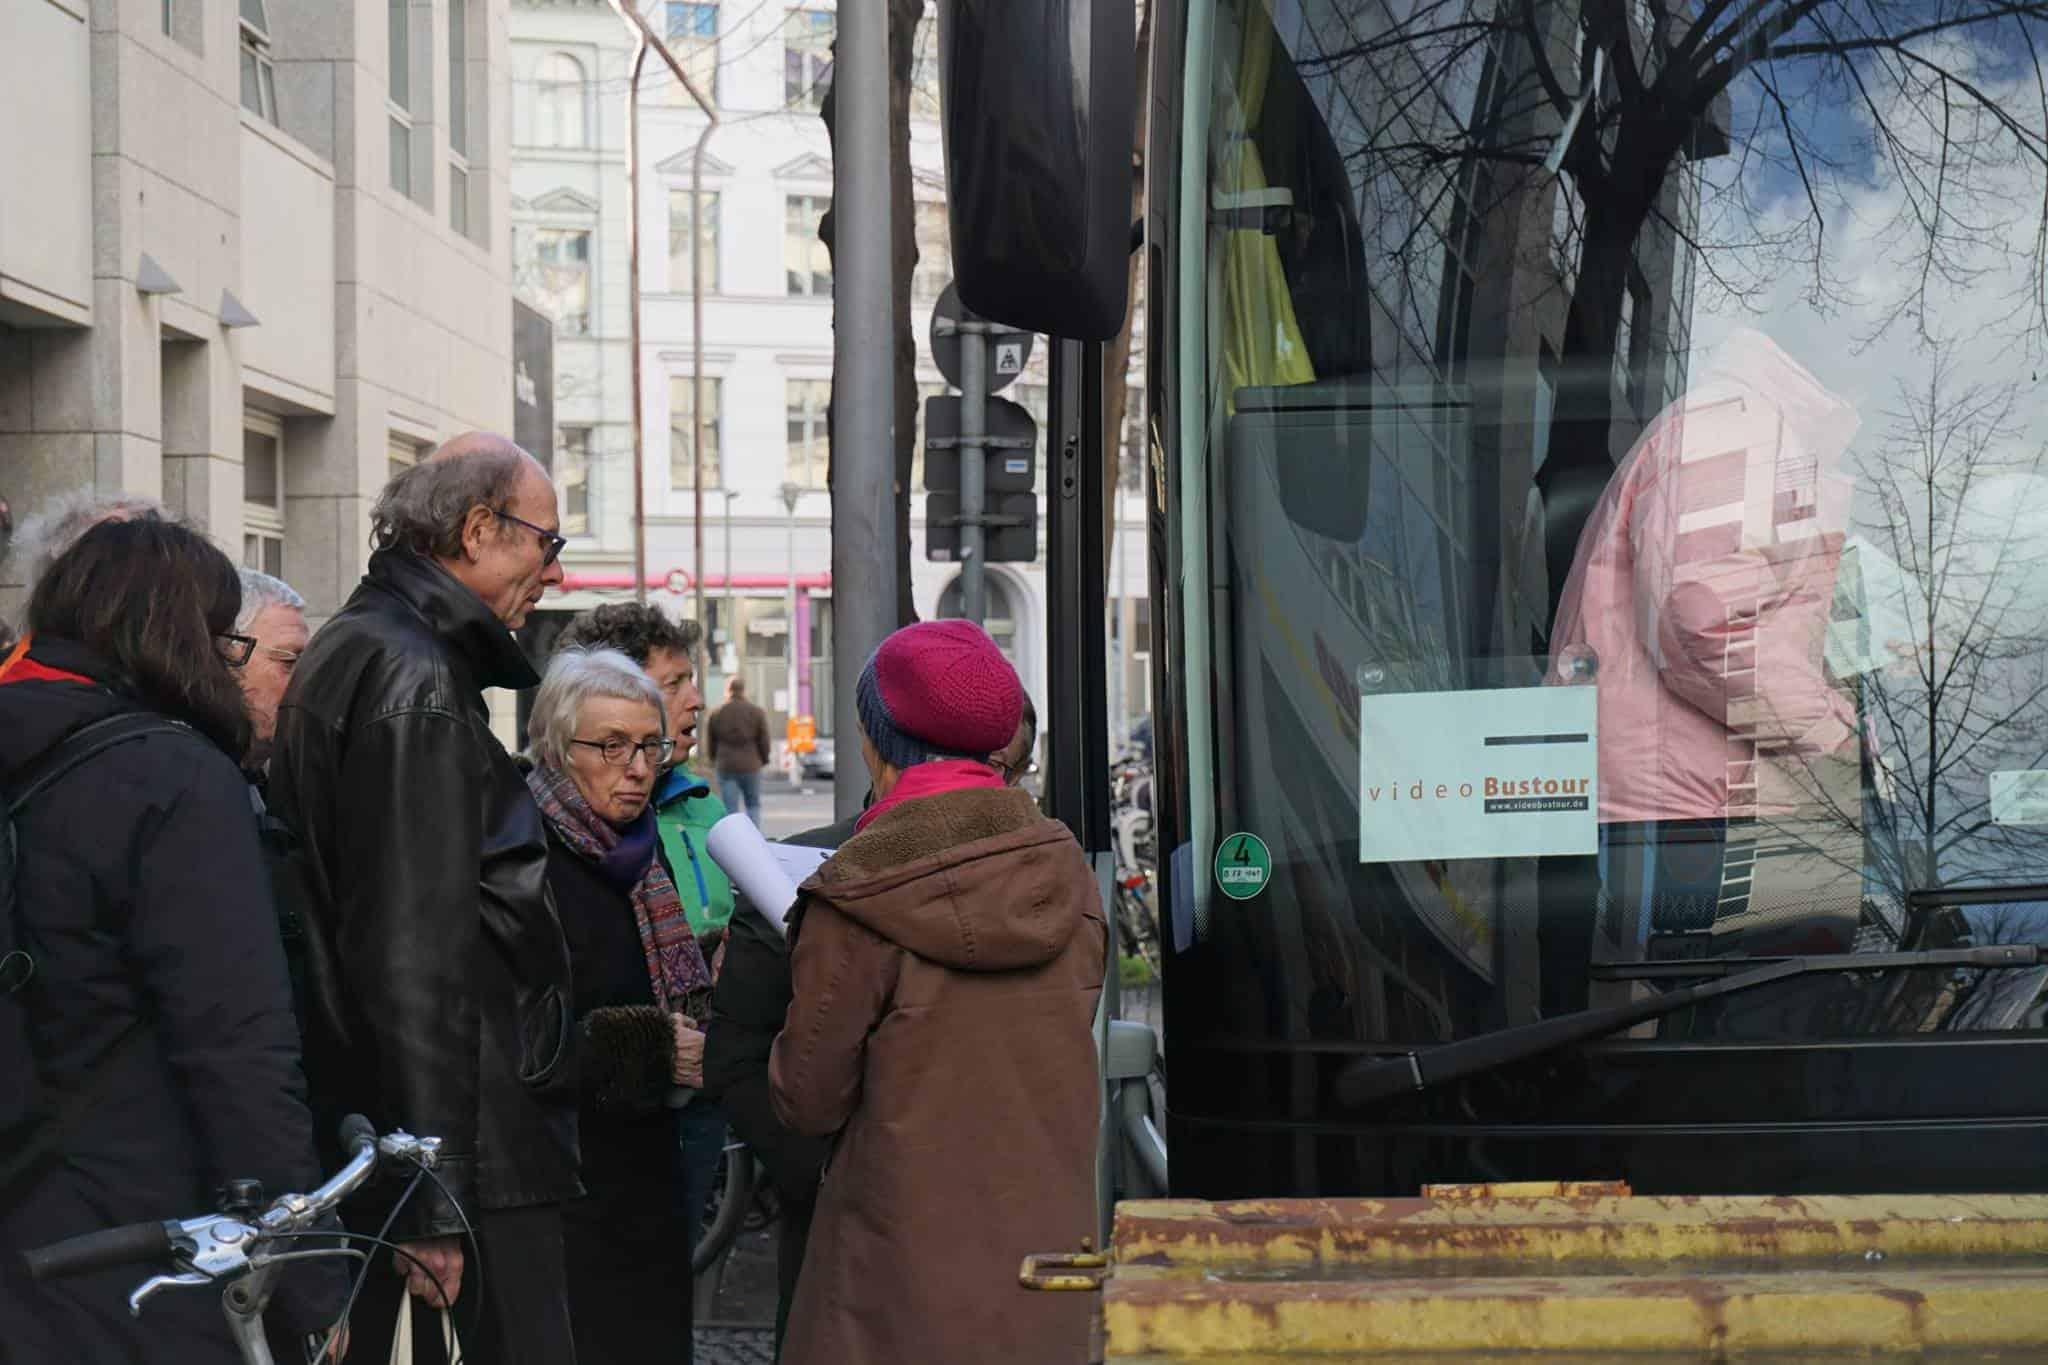 videoSightseein Voller Bus bei der 68er Tour zu Eroeffnung des Medienzentrums